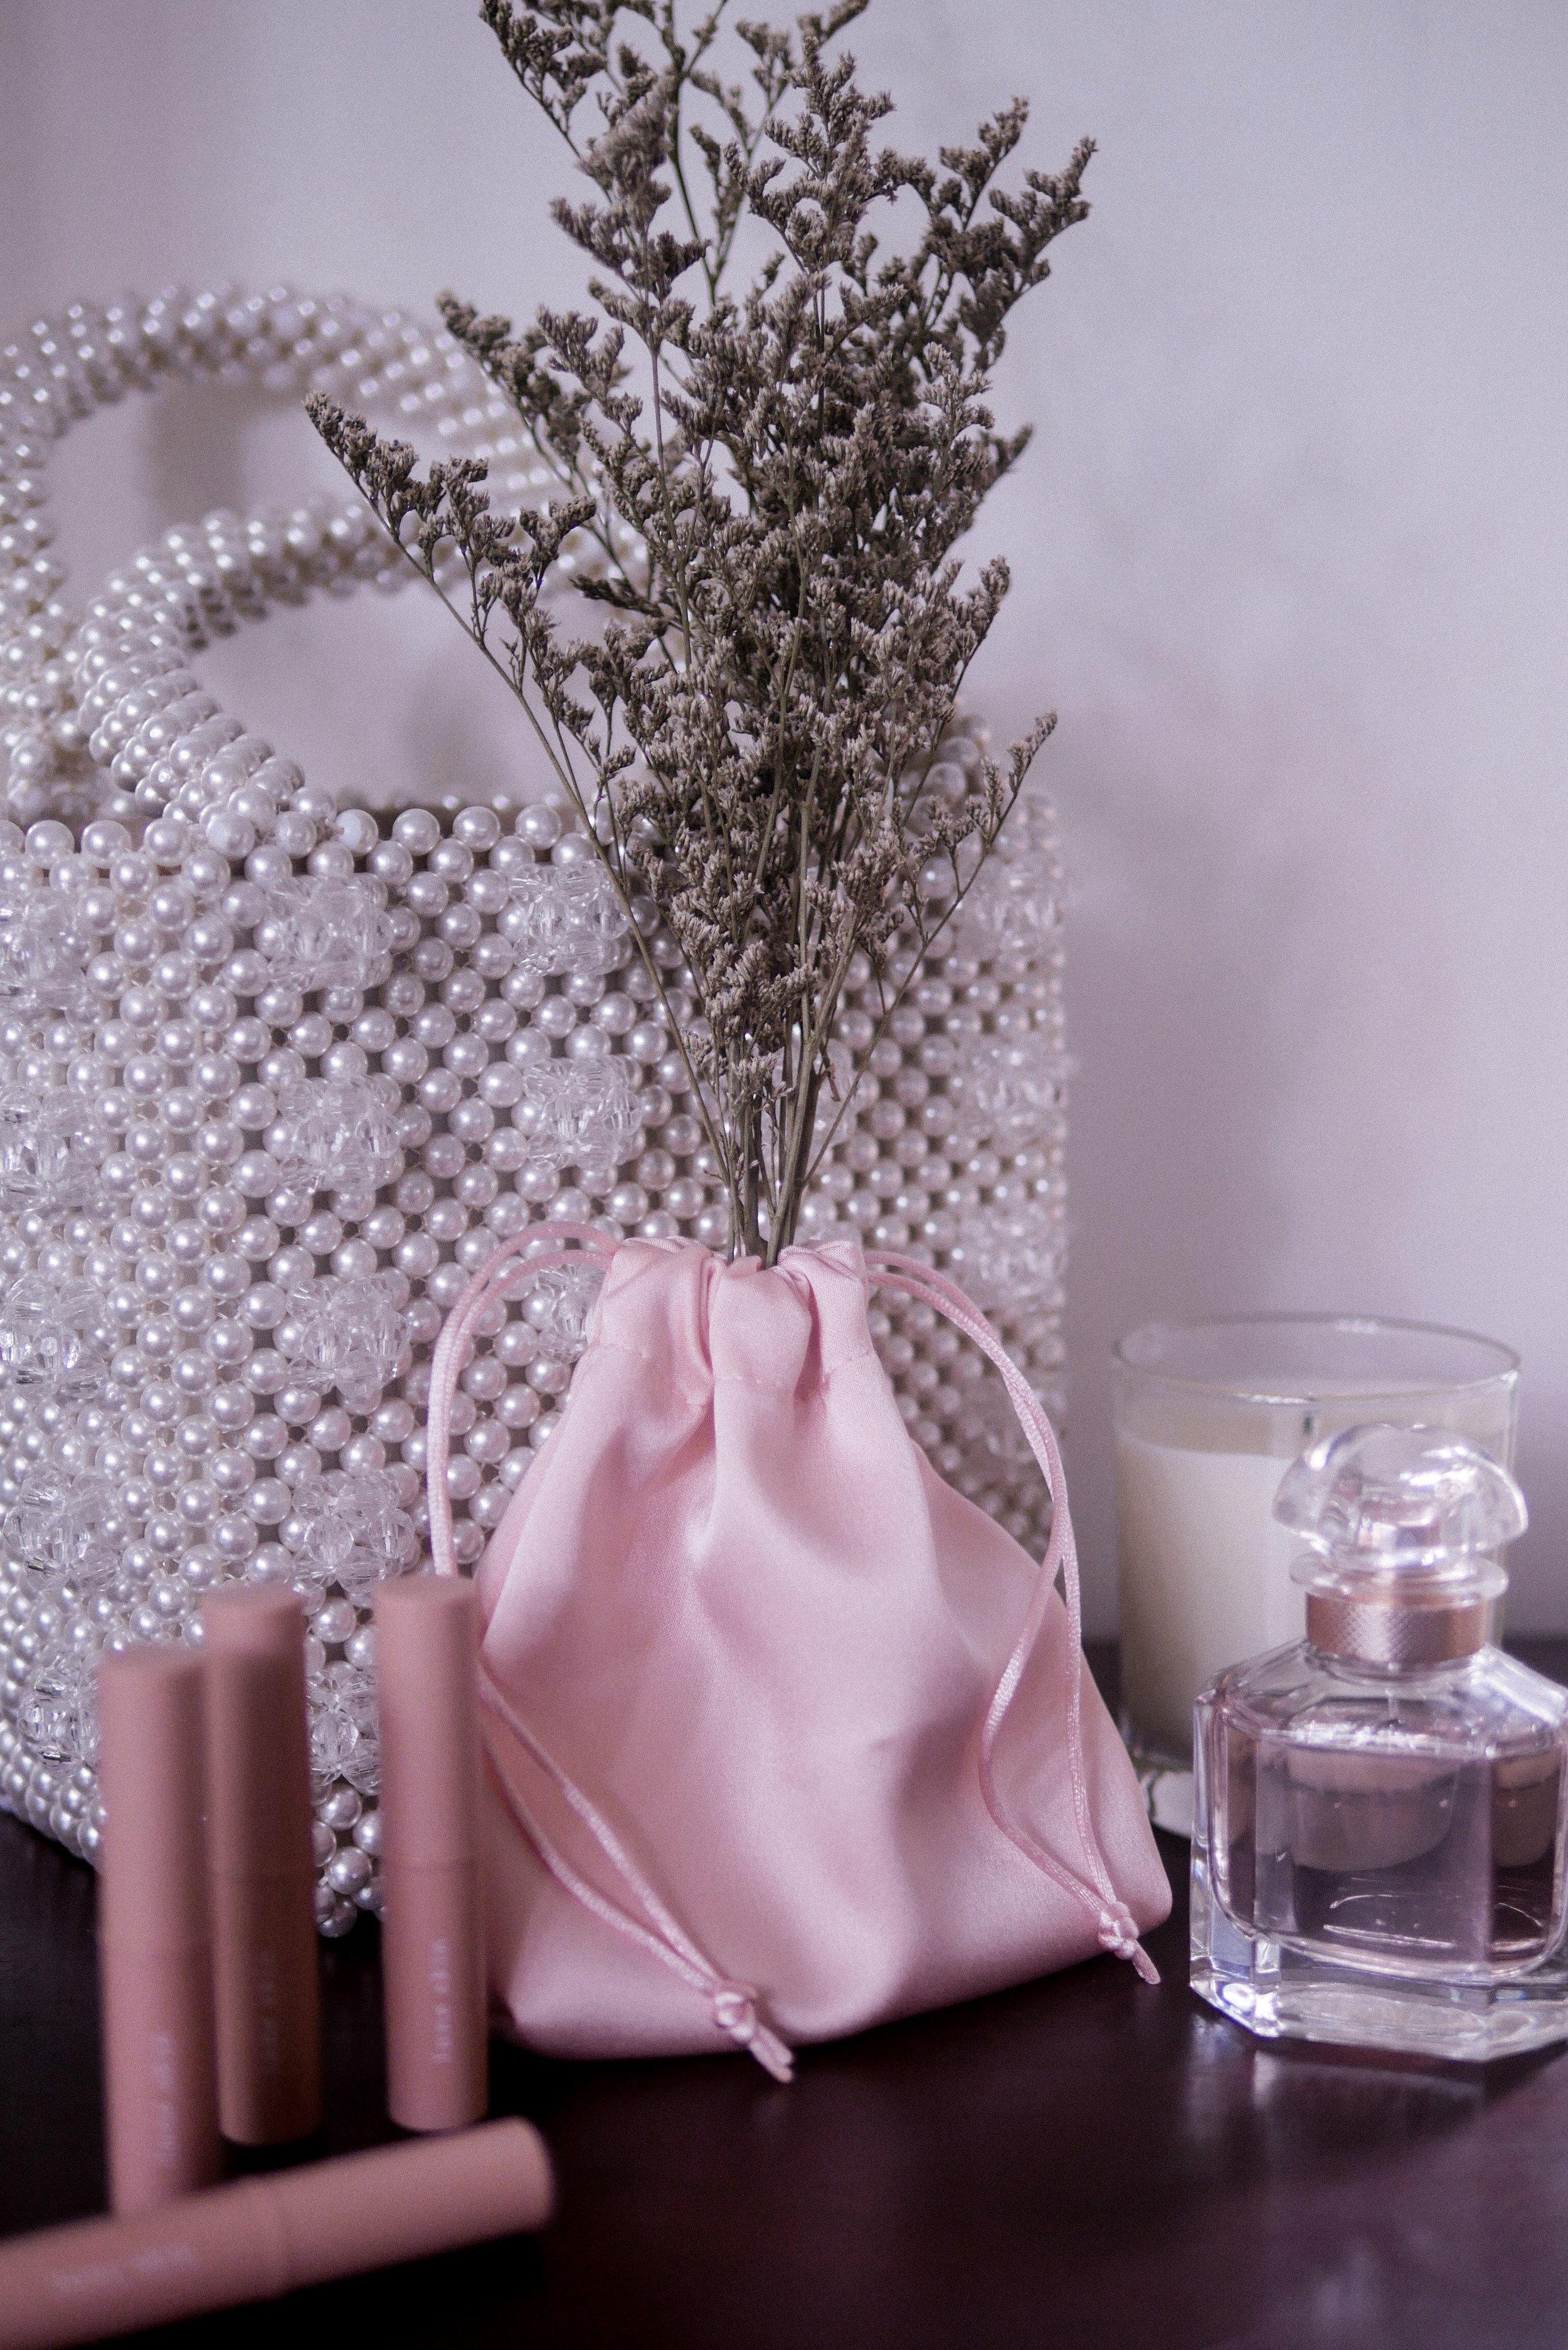 Lune Skin juga menjual kantong serut warna  pink  berbahan satin yang dapat digunakan untuk menyimpan lipstick maupun  smartphone charger  dan benda lainnya agar tidak berantakan di dalama tas.  Simple, useful and cute !